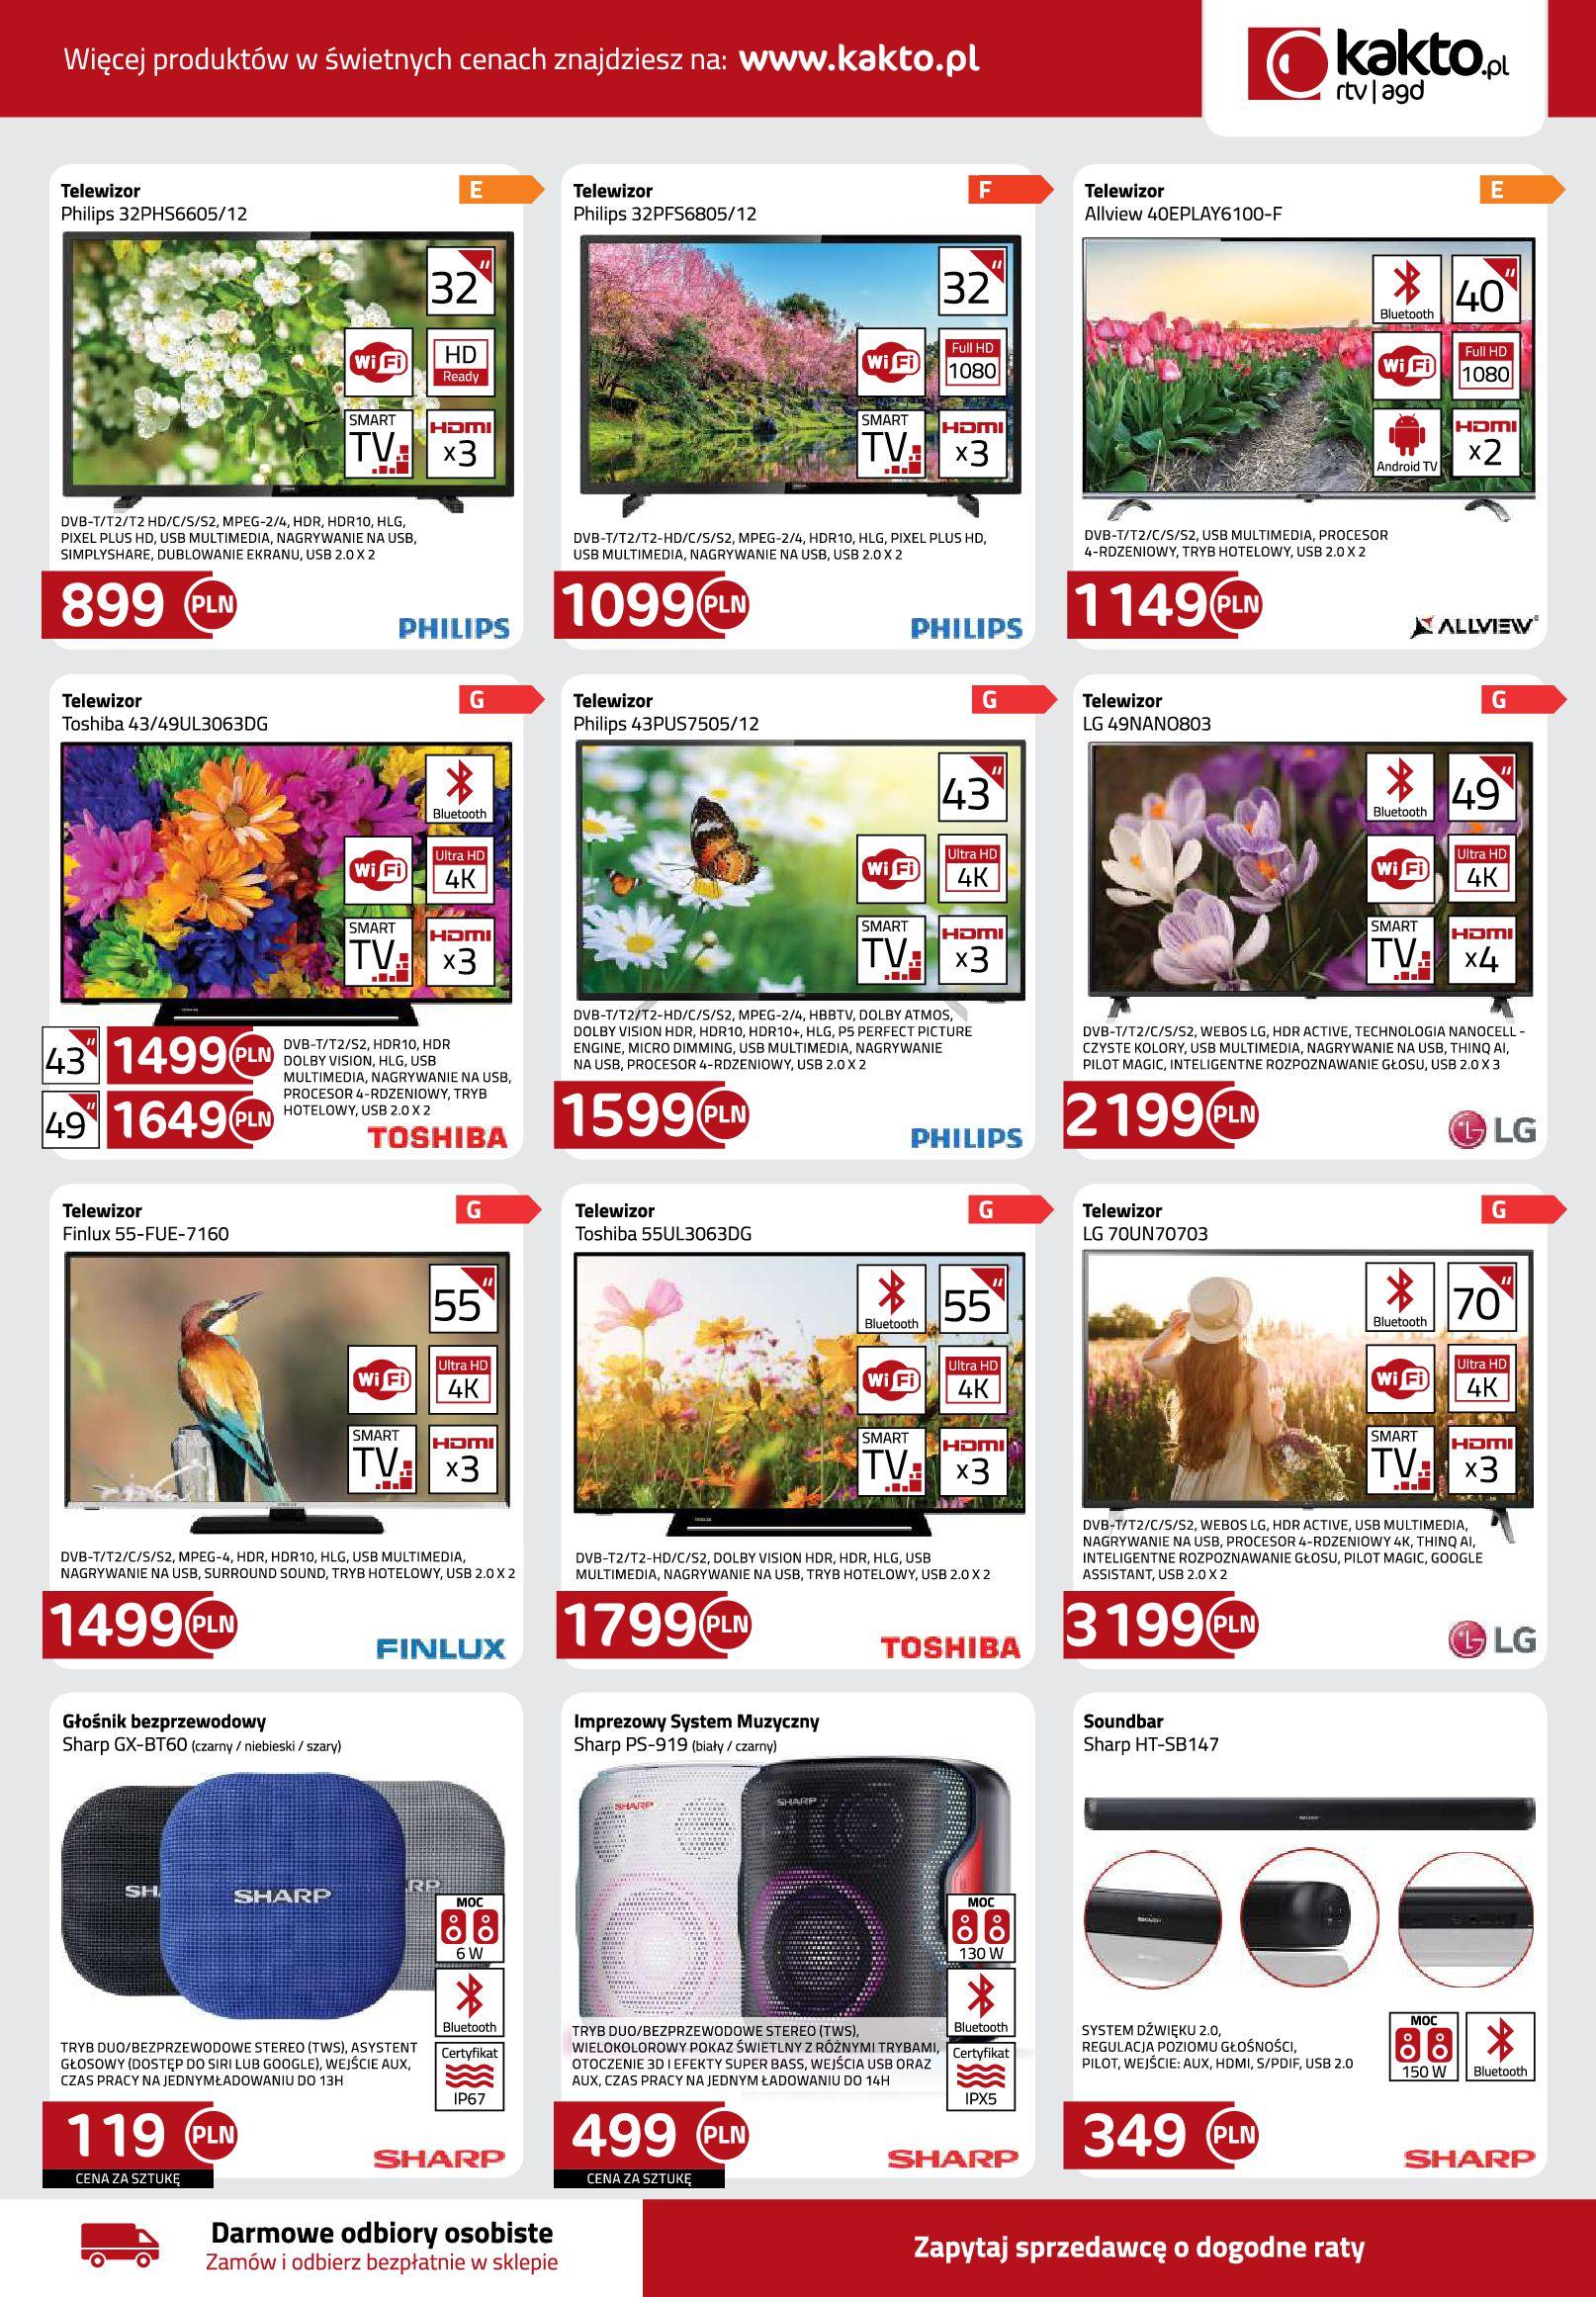 Gazetka kakto.pl: Gazetka Kwiecień 2021-04-09 page-7